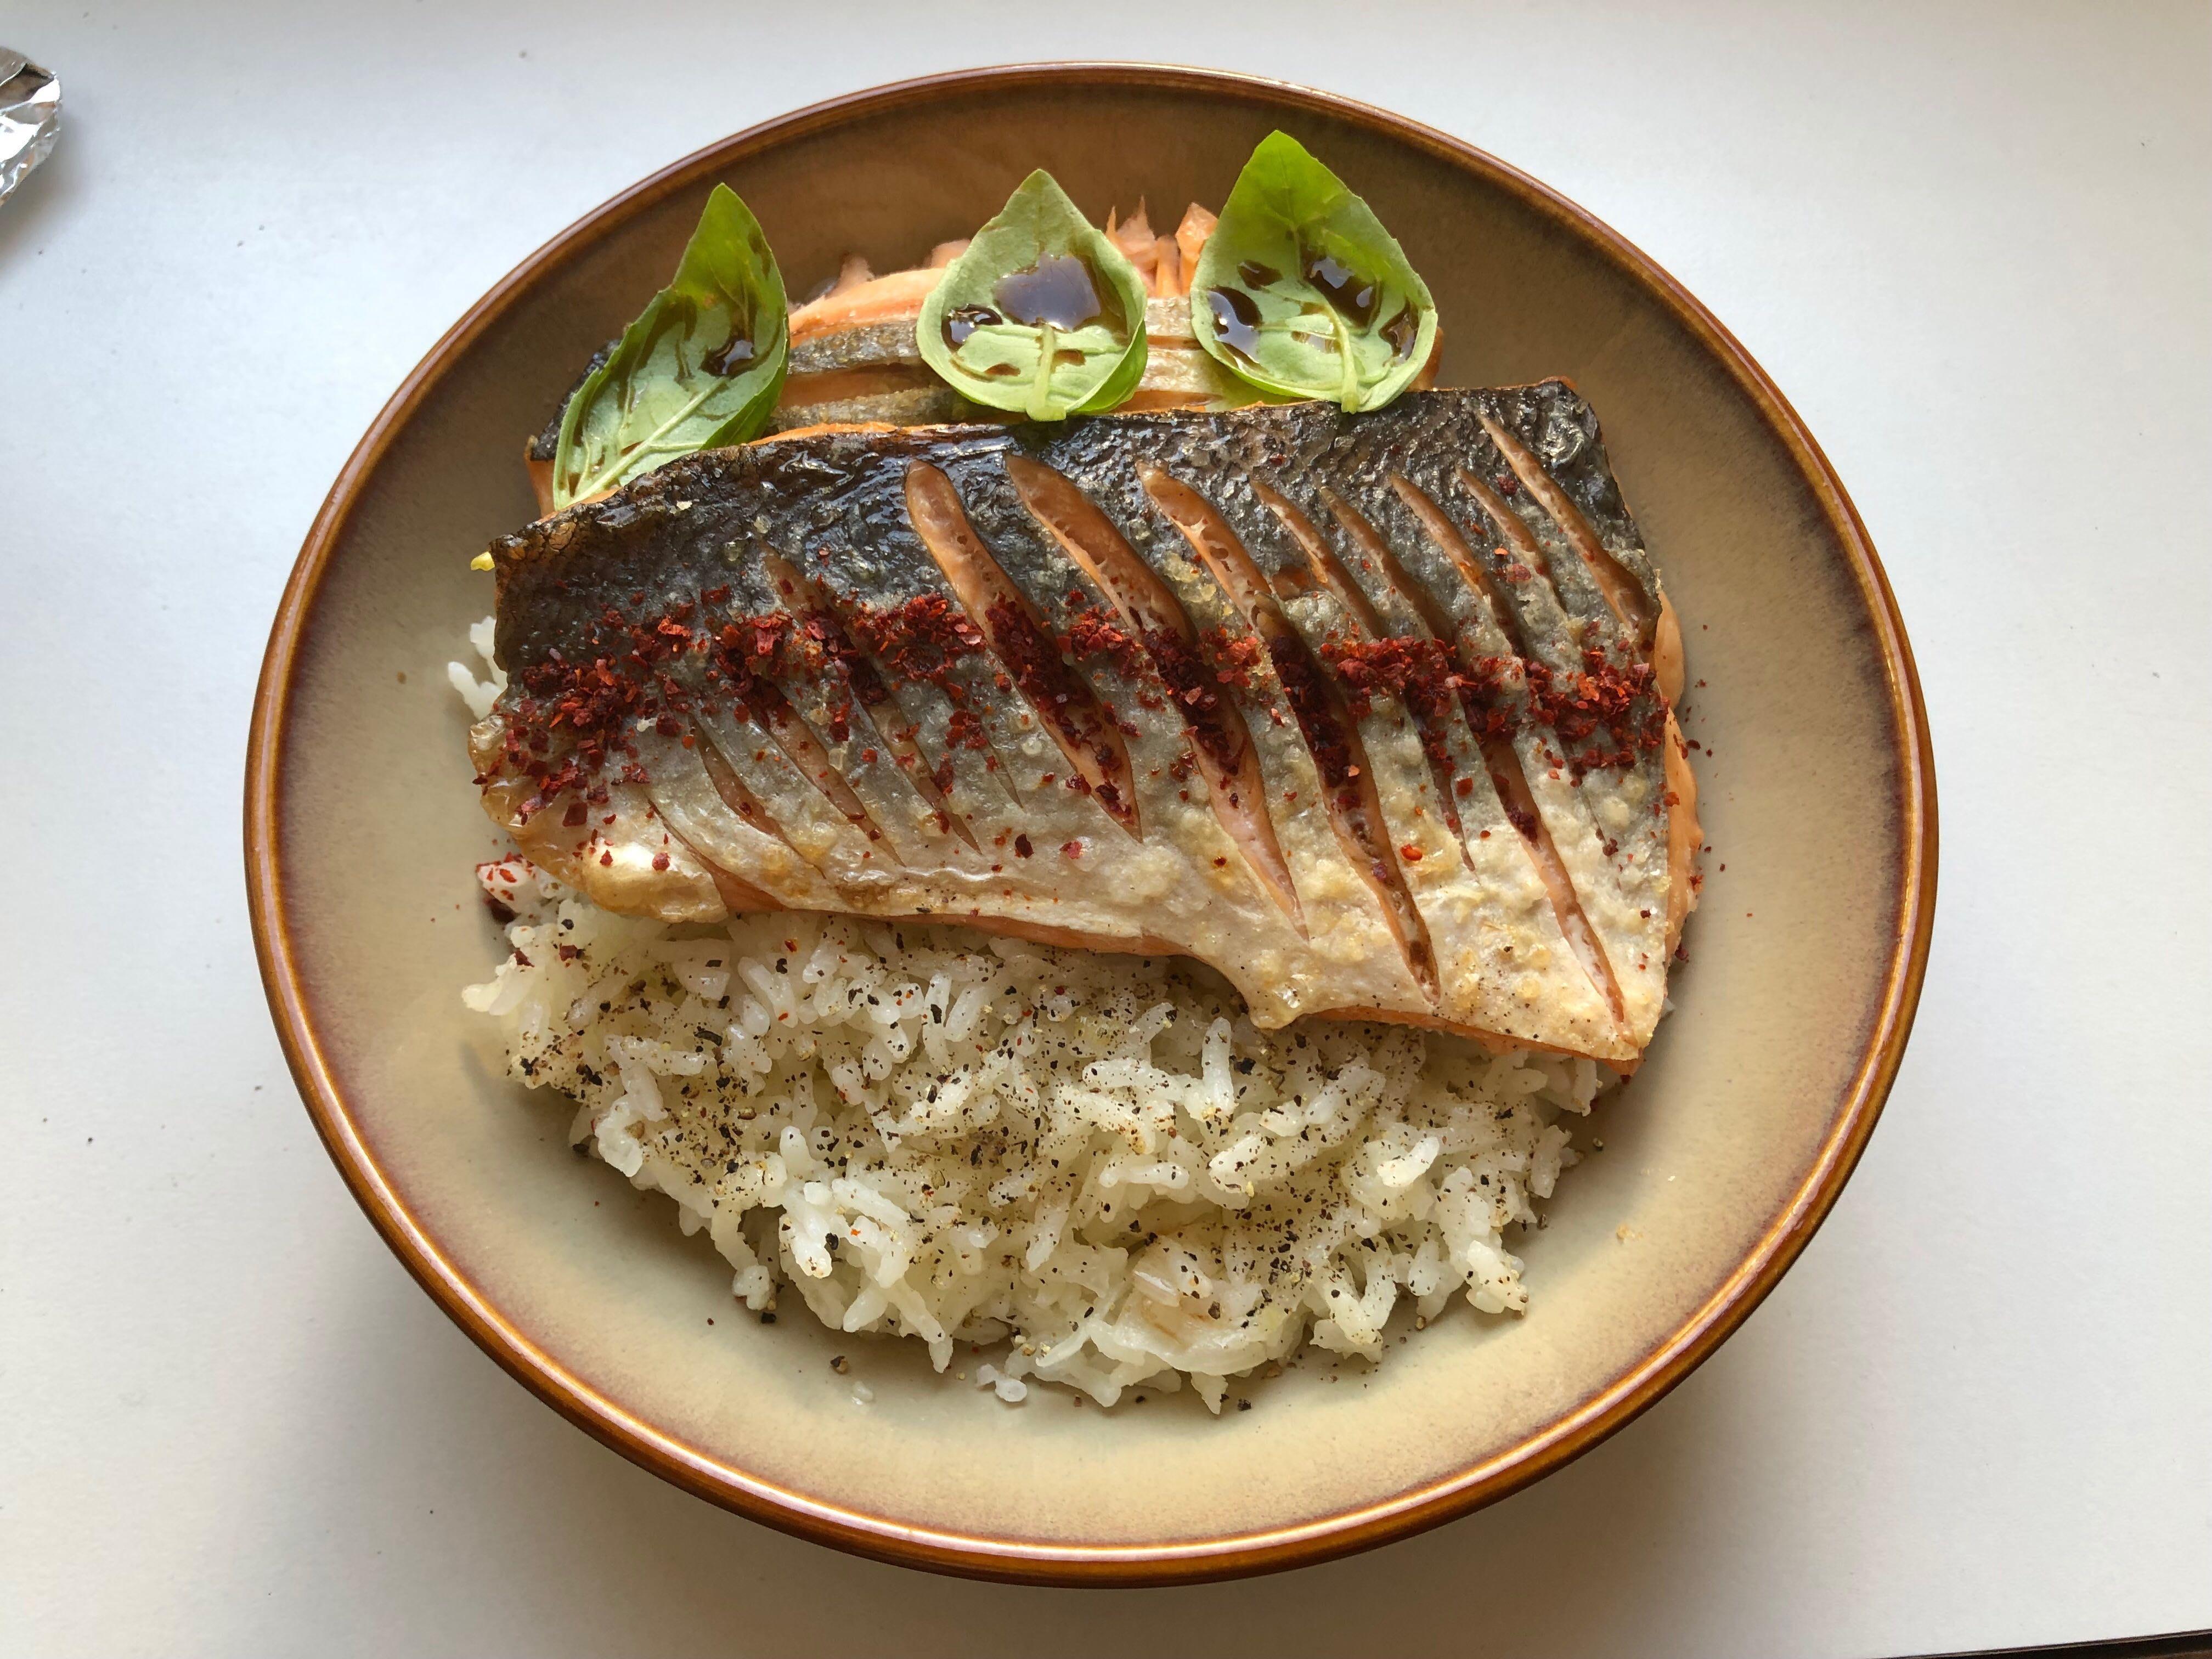 pilavlı balık